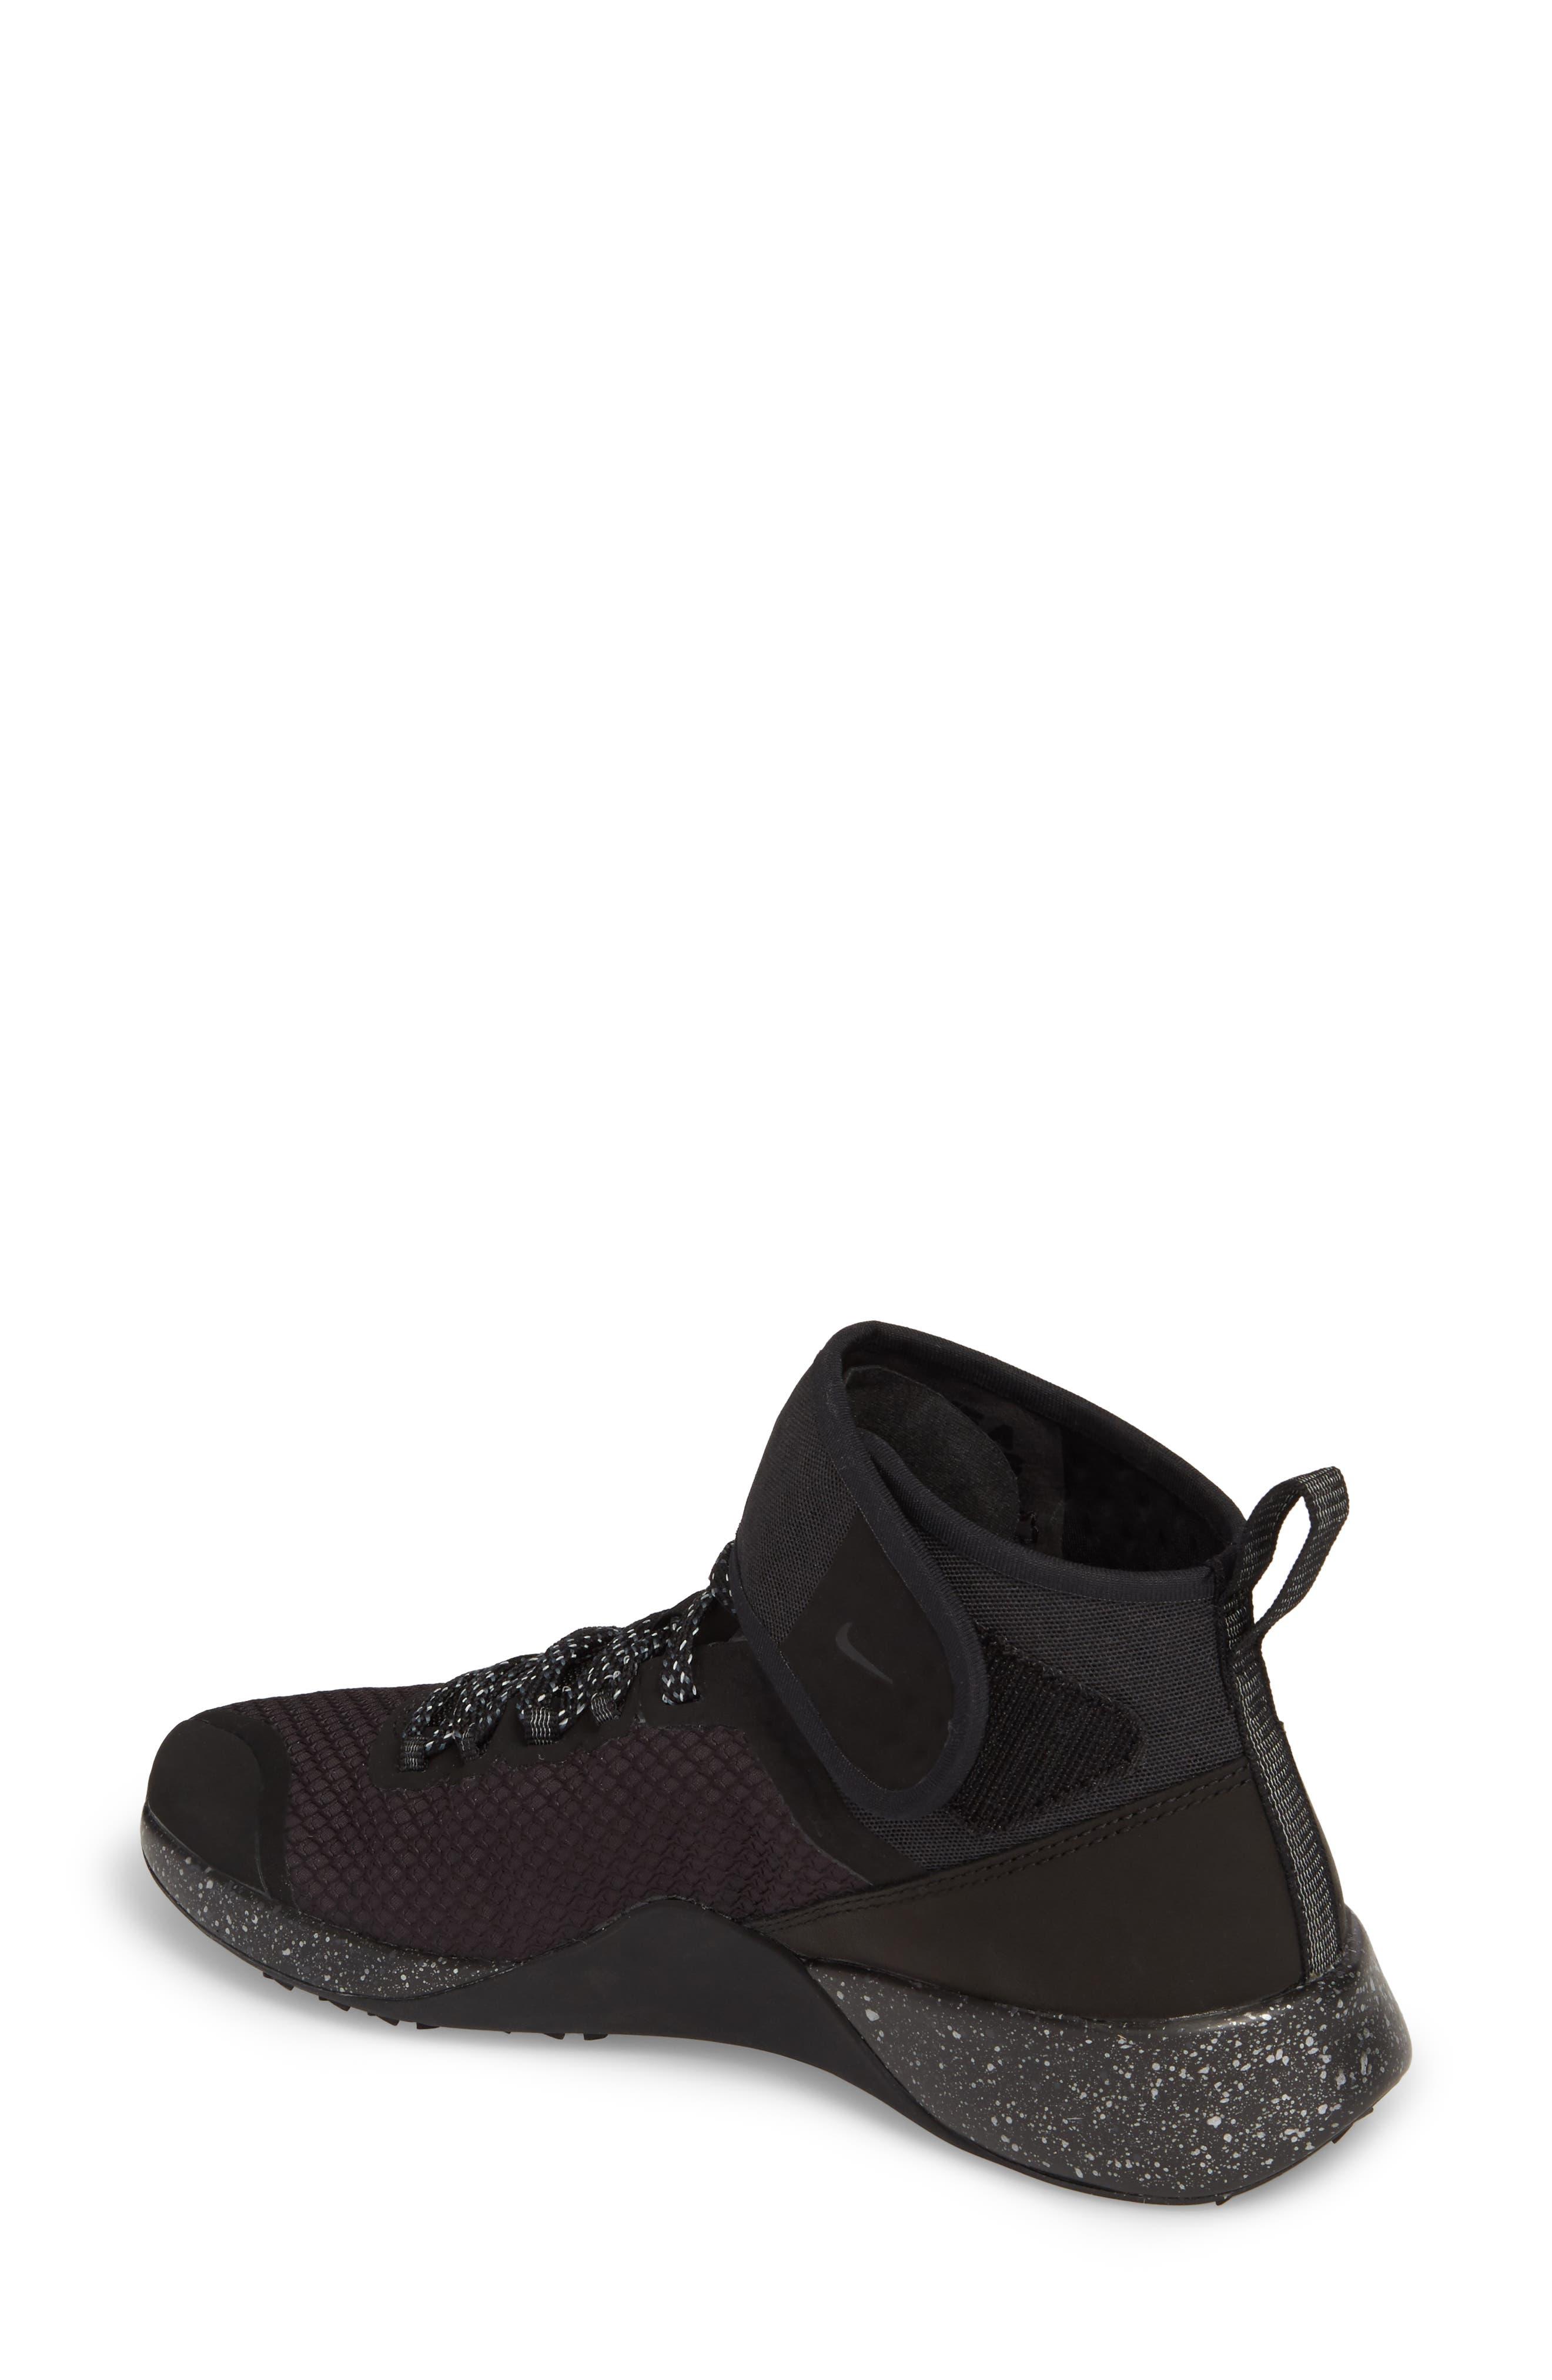 Alternate Image 2  - Nike NikeLab Air Zoom Strong 2 Training Shoe (Women)